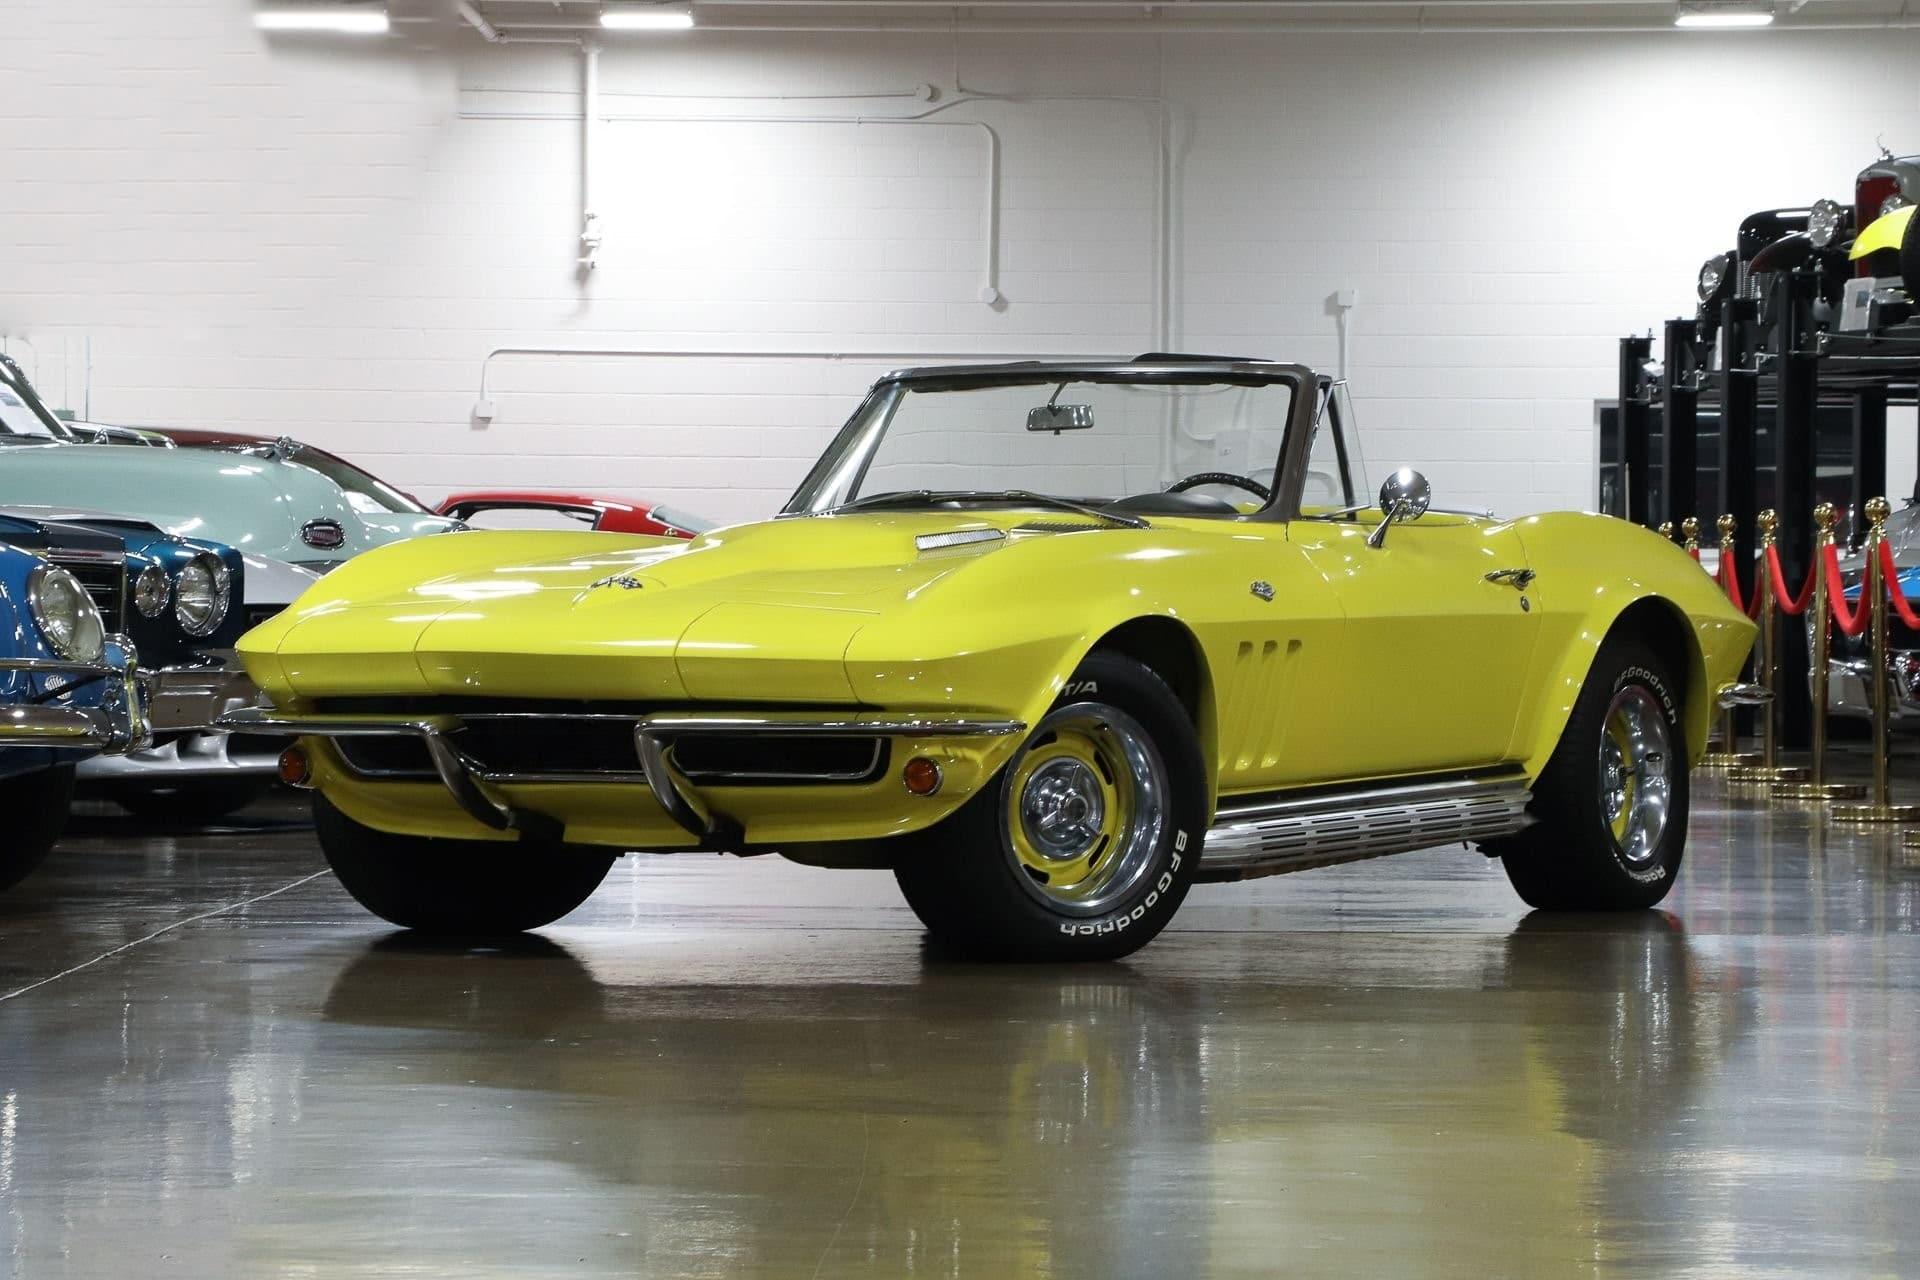 Chevrolet corvette convertible à vendre sur www.european-vintage-cars.com/fr